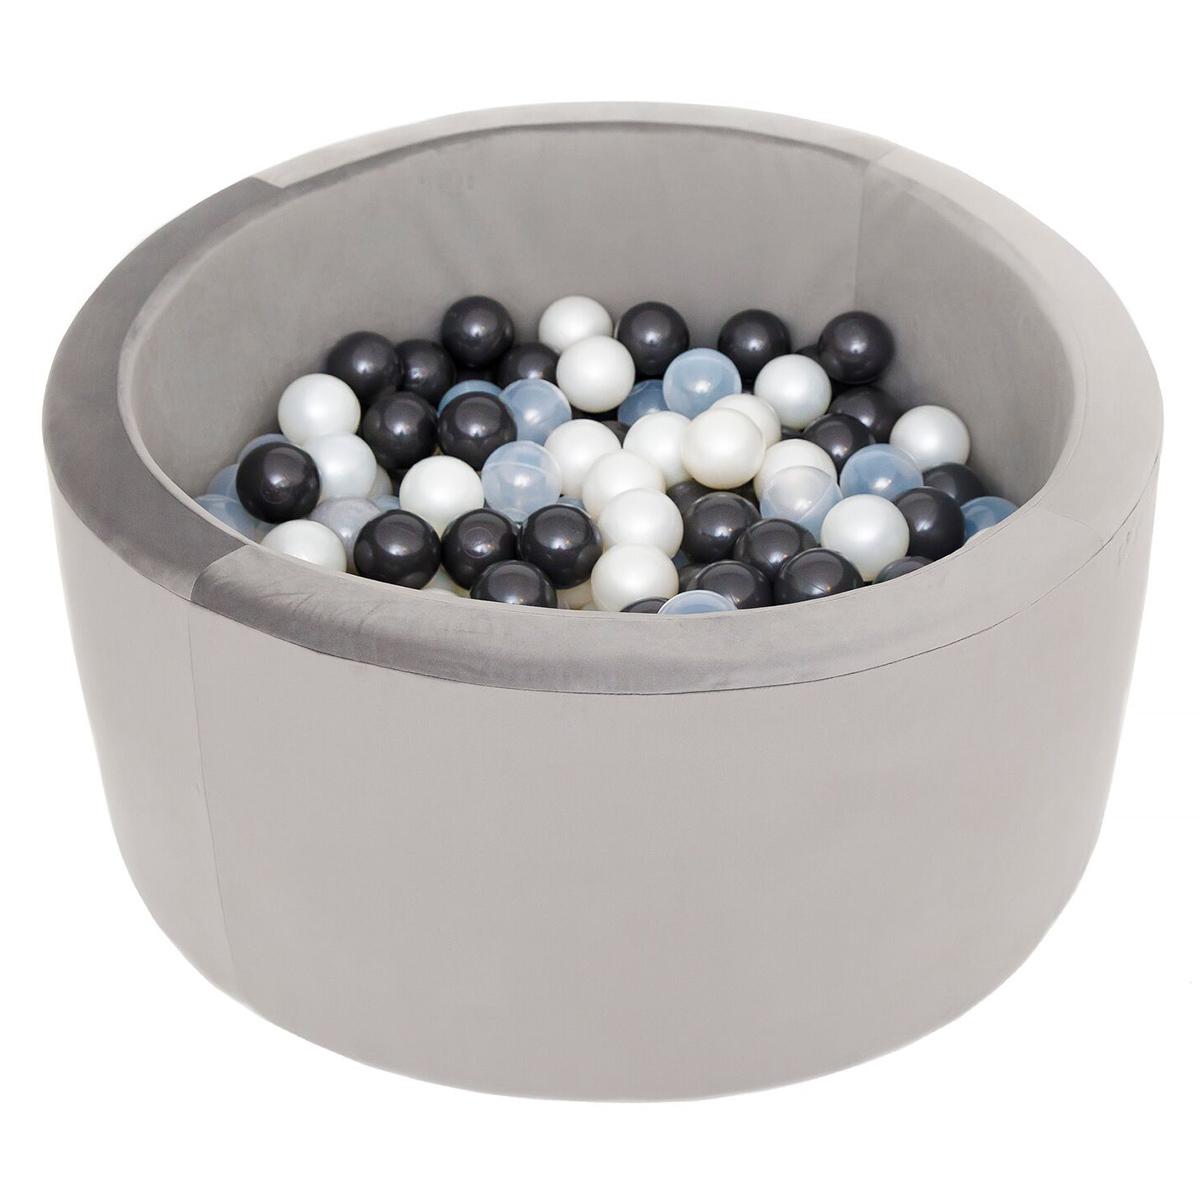 Mes premiers jouets Piscine à Balles Ronde Velvet Grey 90 x 40 cm + 200 Balles